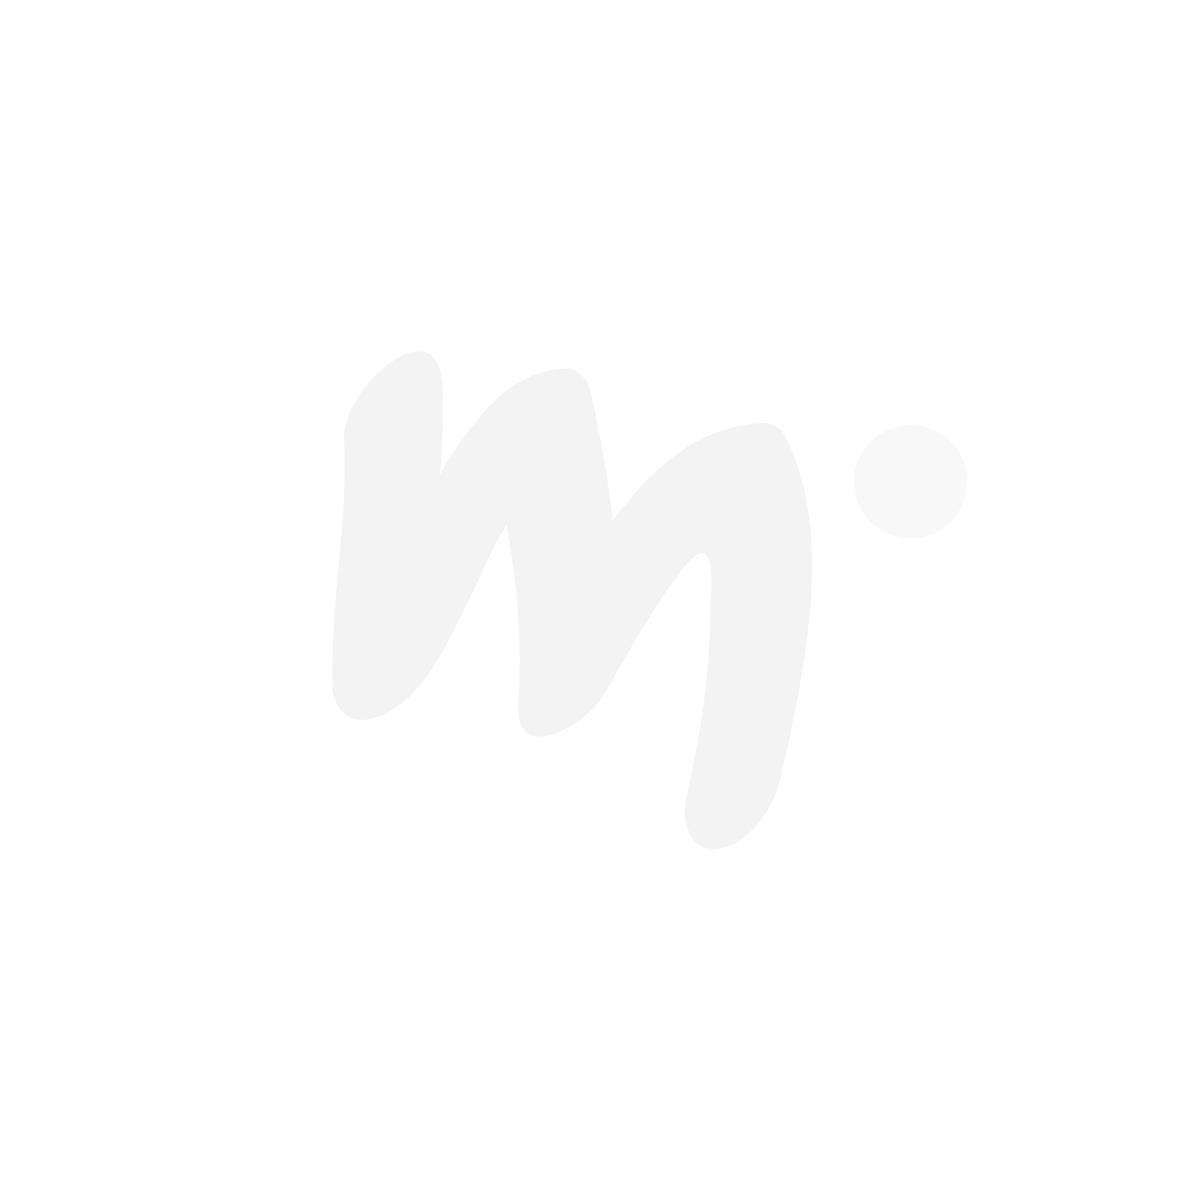 Moomin Advent Calendar 2018